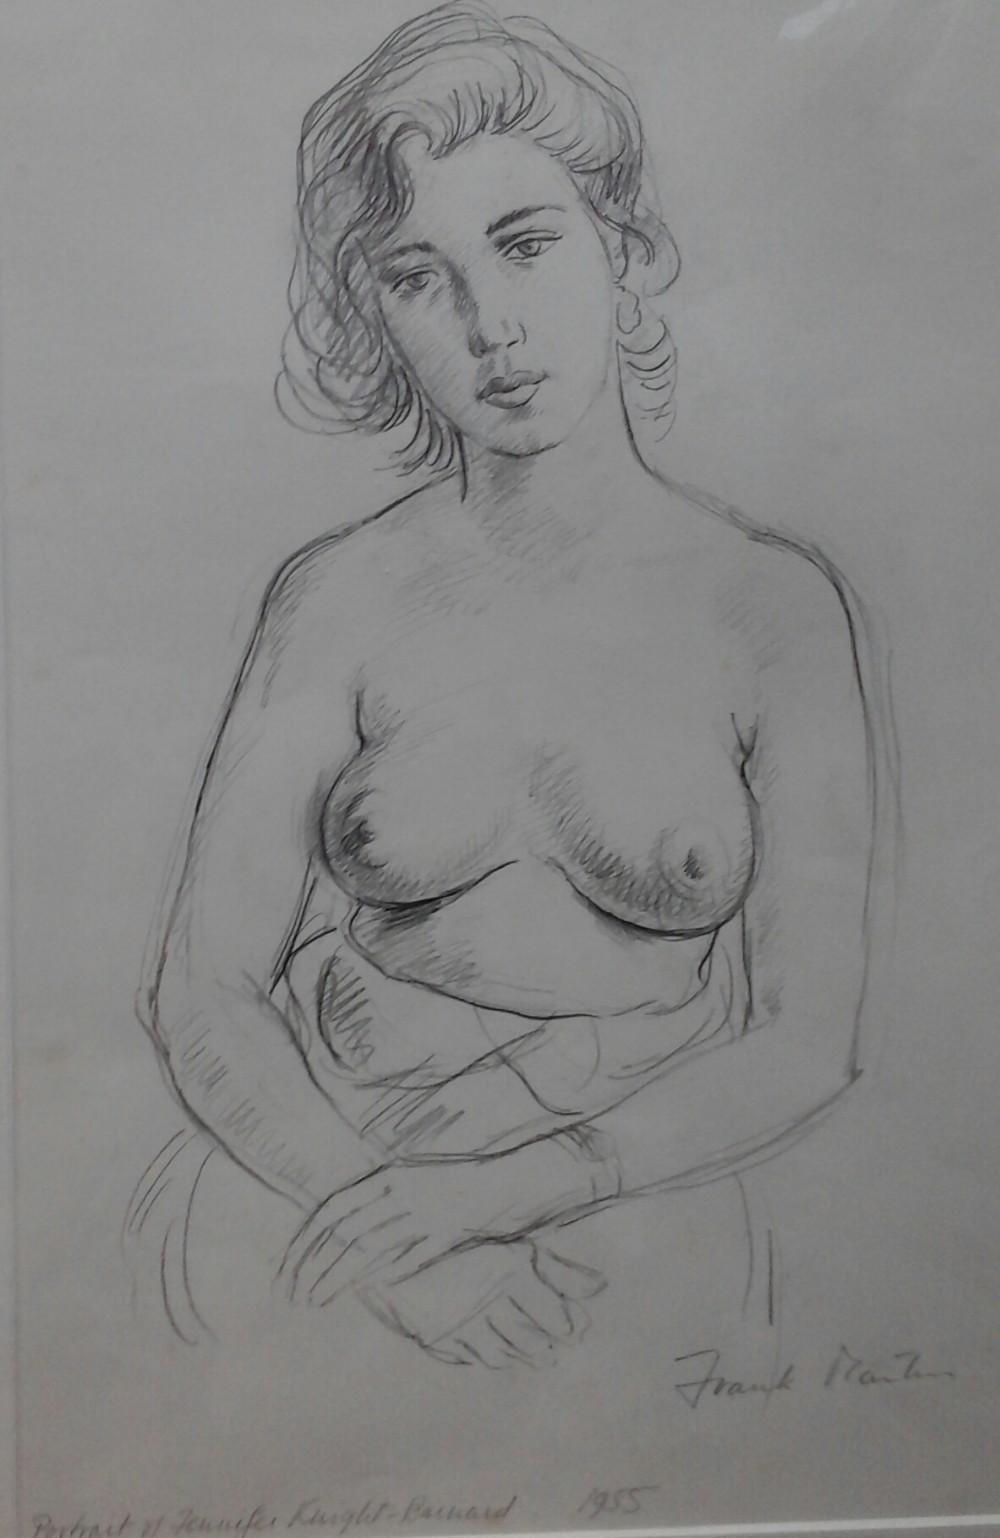 frank martin pencil sketch nude jennifer knightbarnard1955